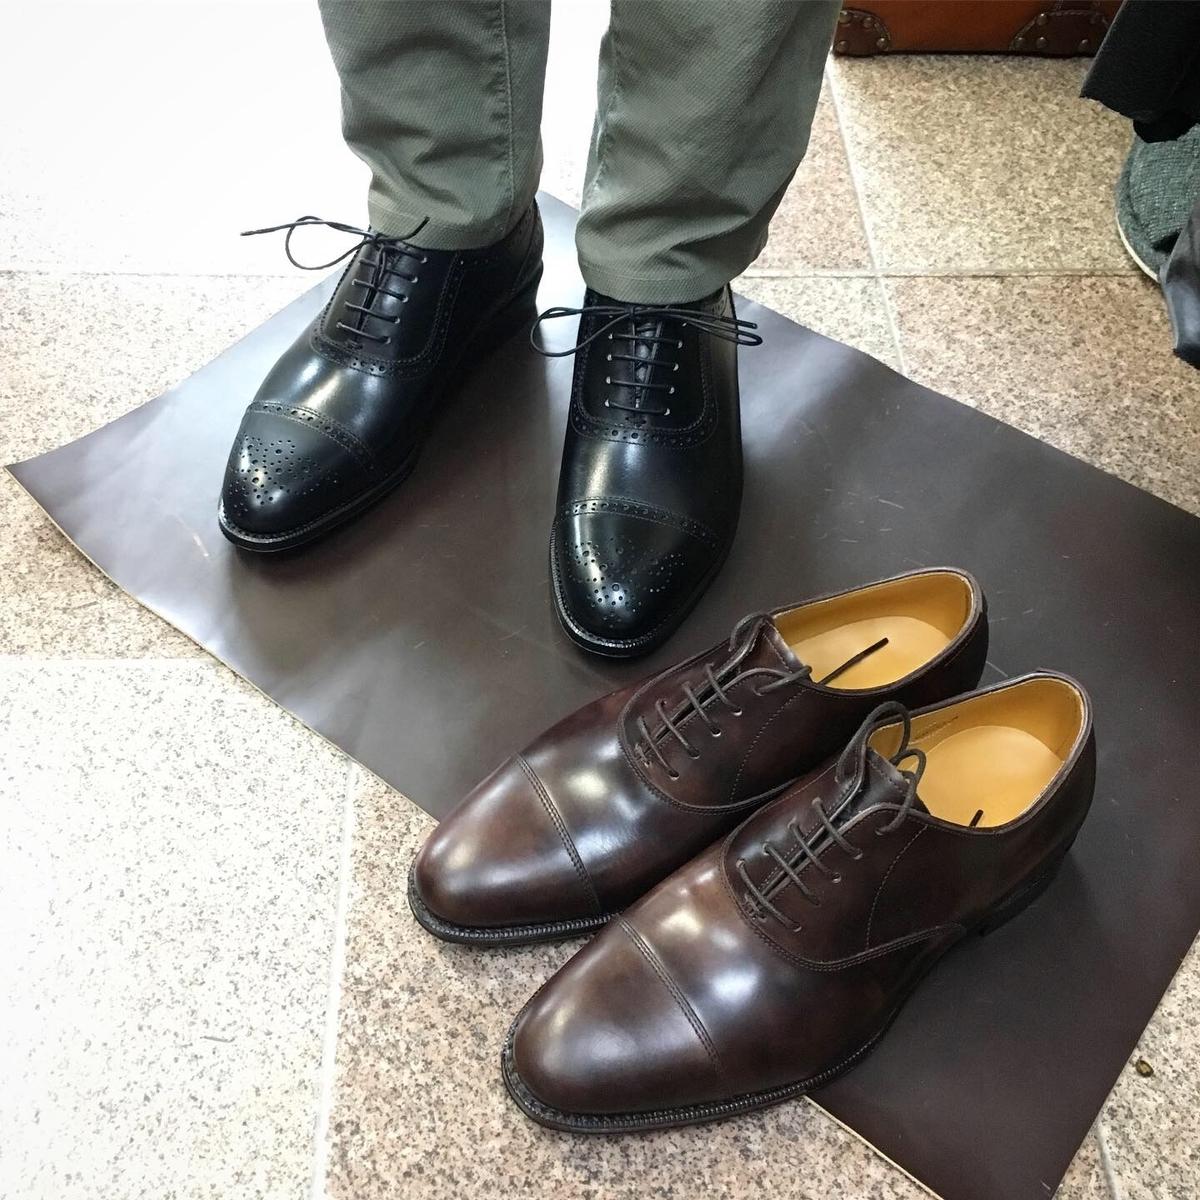 f:id:raymar-shoes:20190716221414j:plain